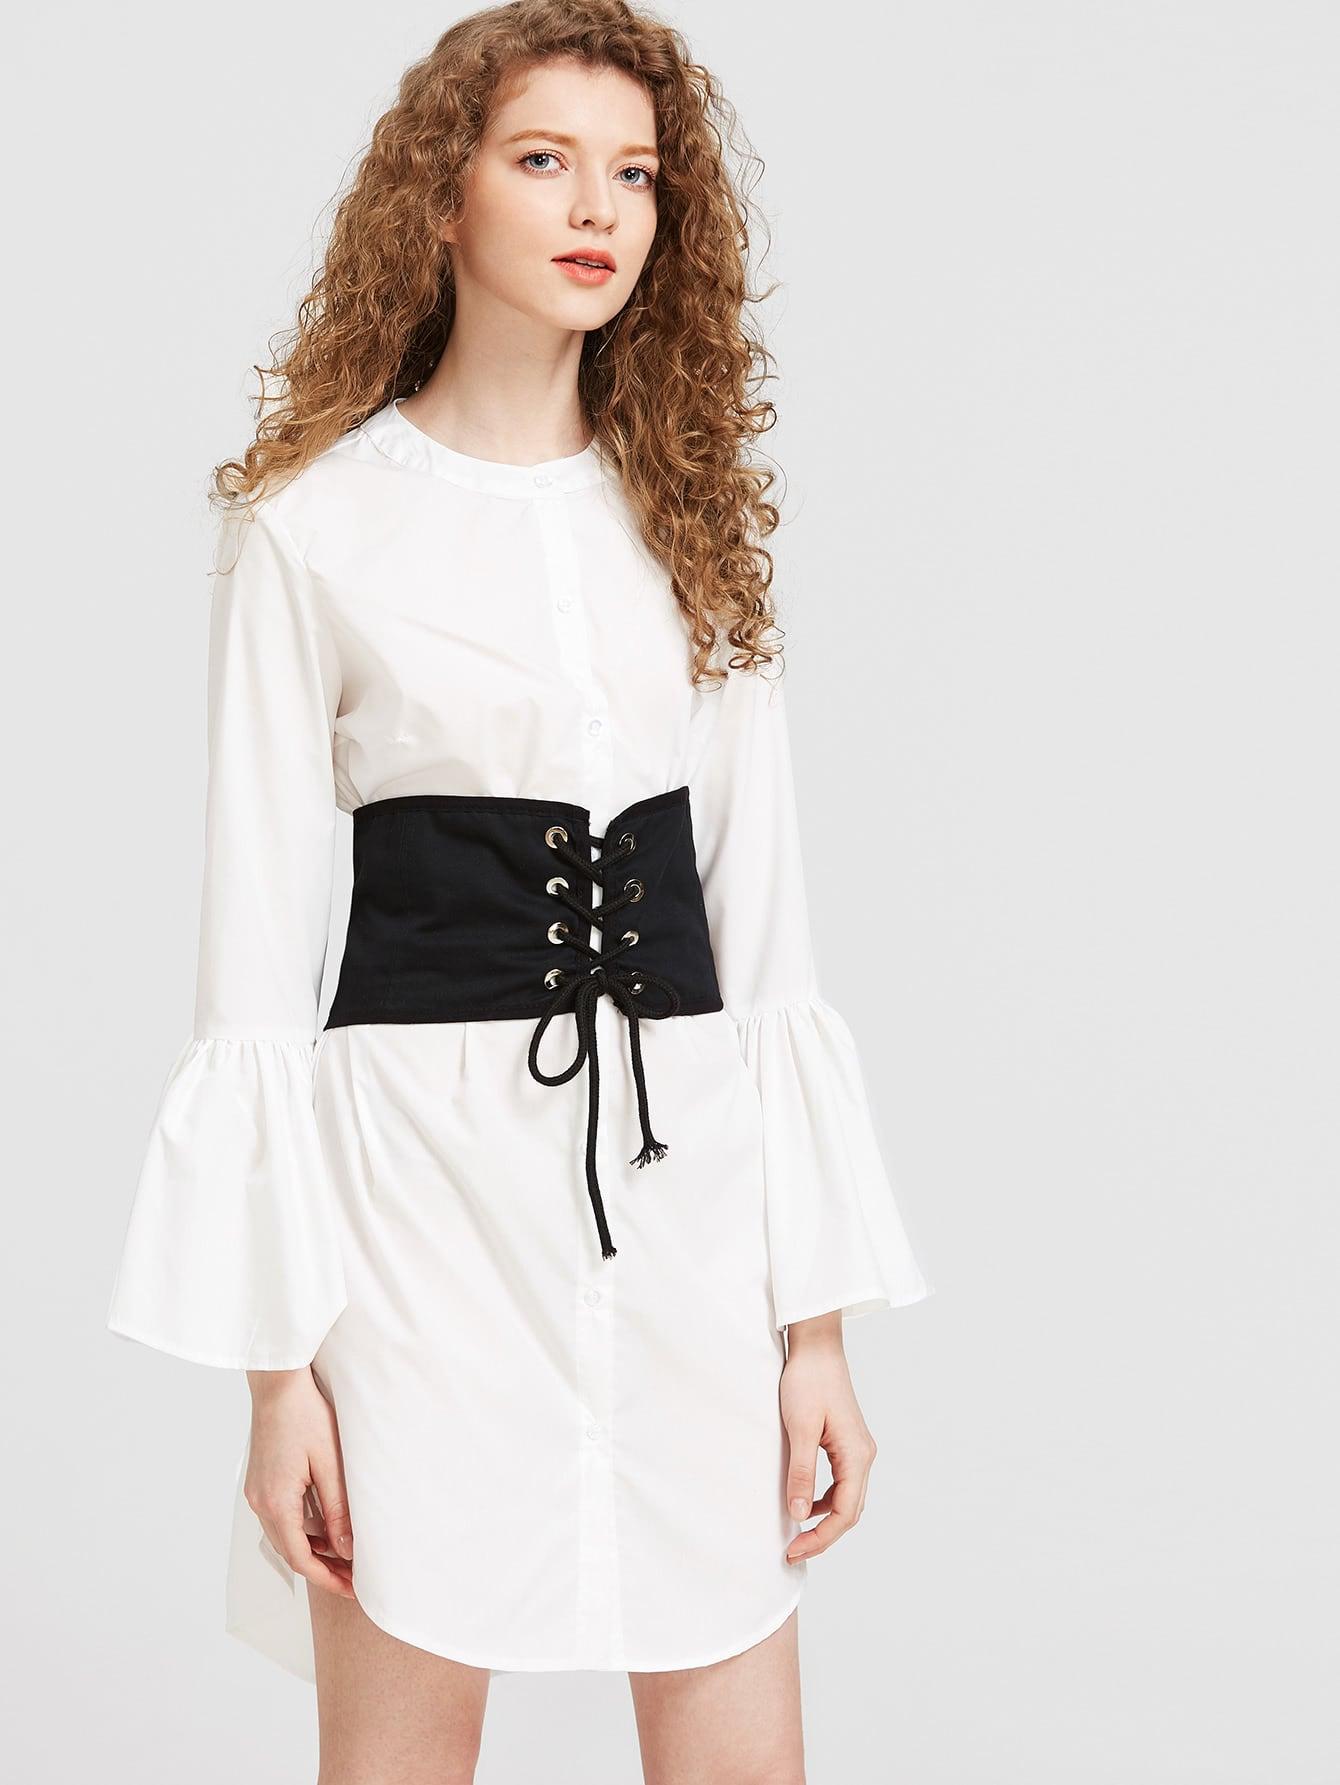 dress170404201_2